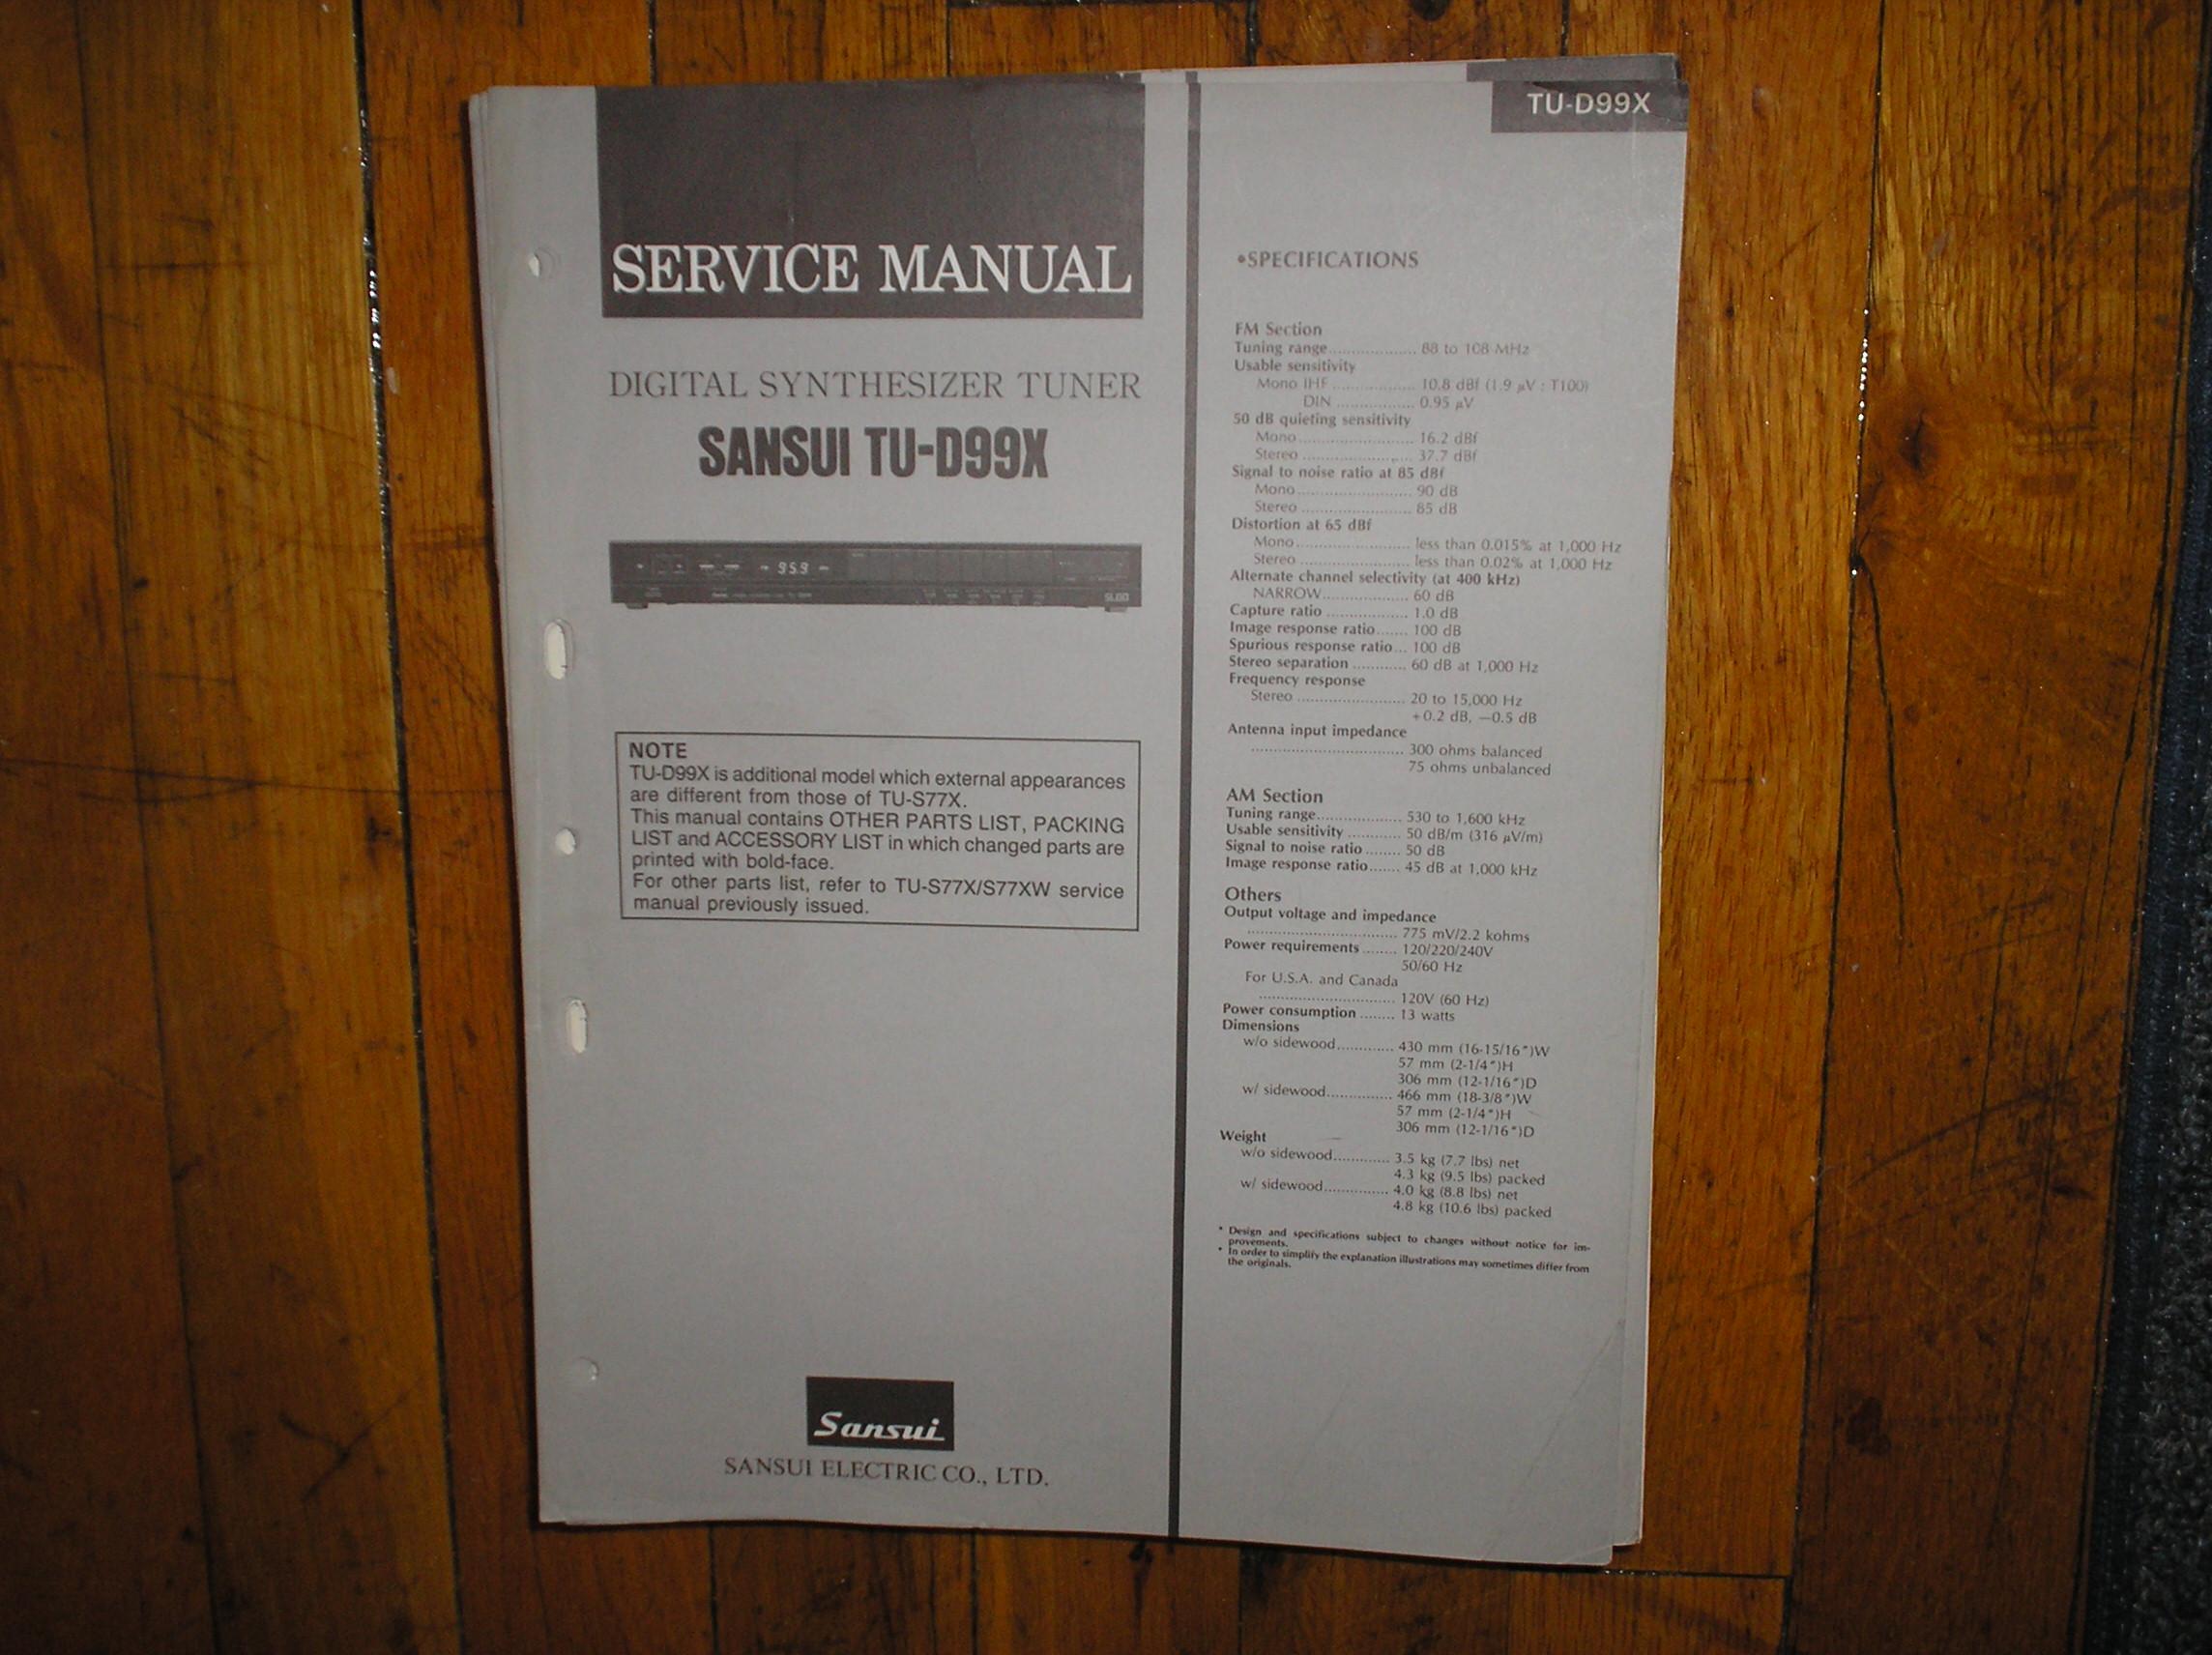 TU-D99X Tuner Service Manual